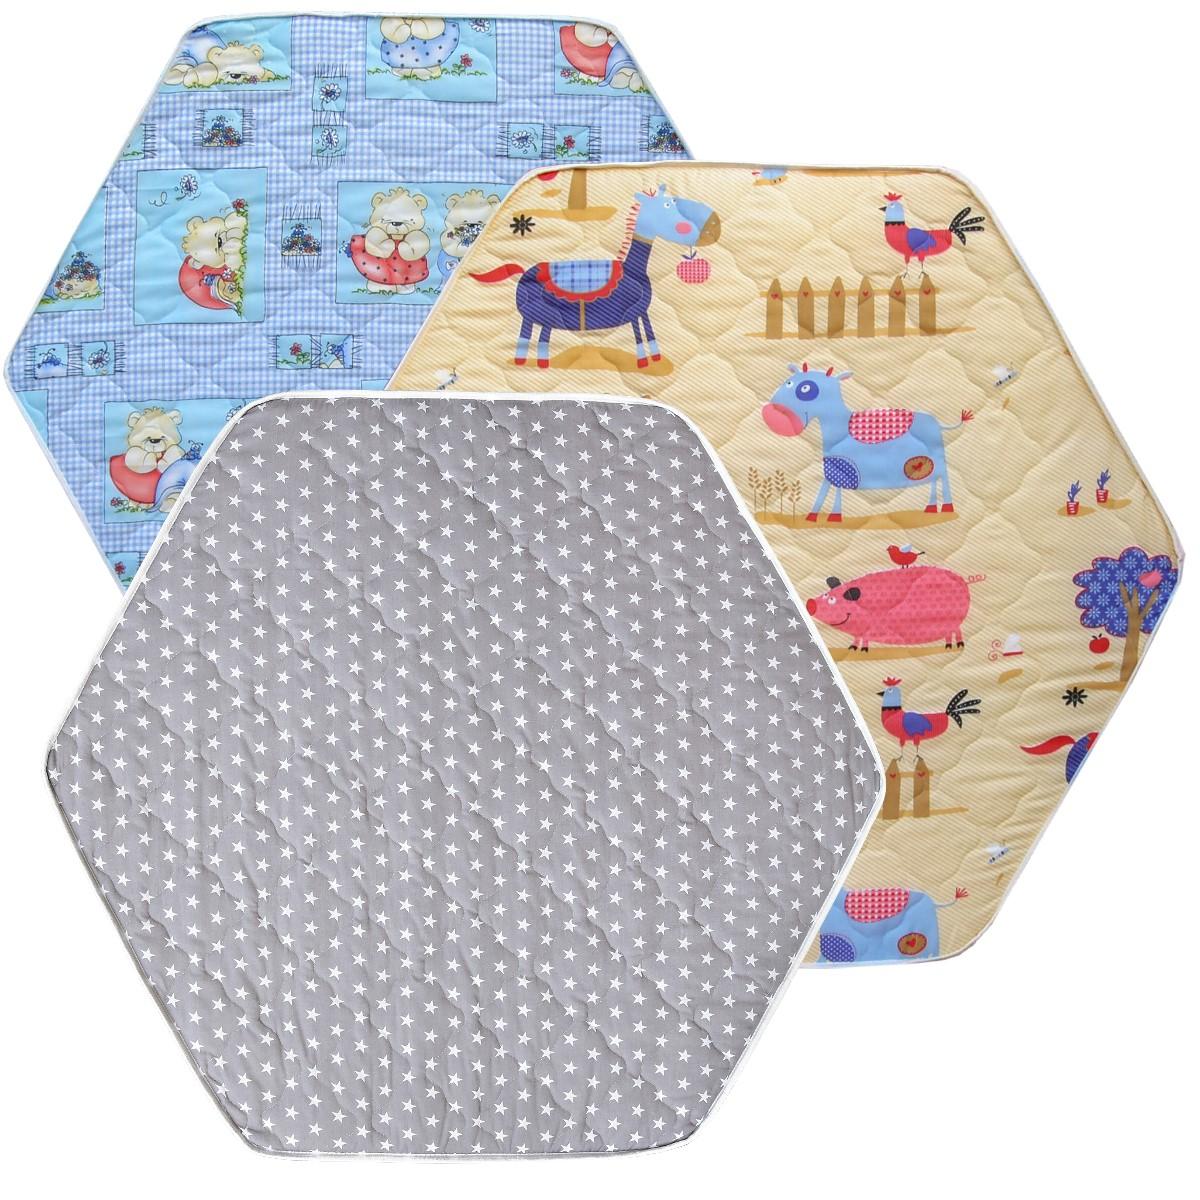 laufgittermatratze laufgittereinlage matratze bunt gesteppt f r 6 eck laufstall ebay. Black Bedroom Furniture Sets. Home Design Ideas